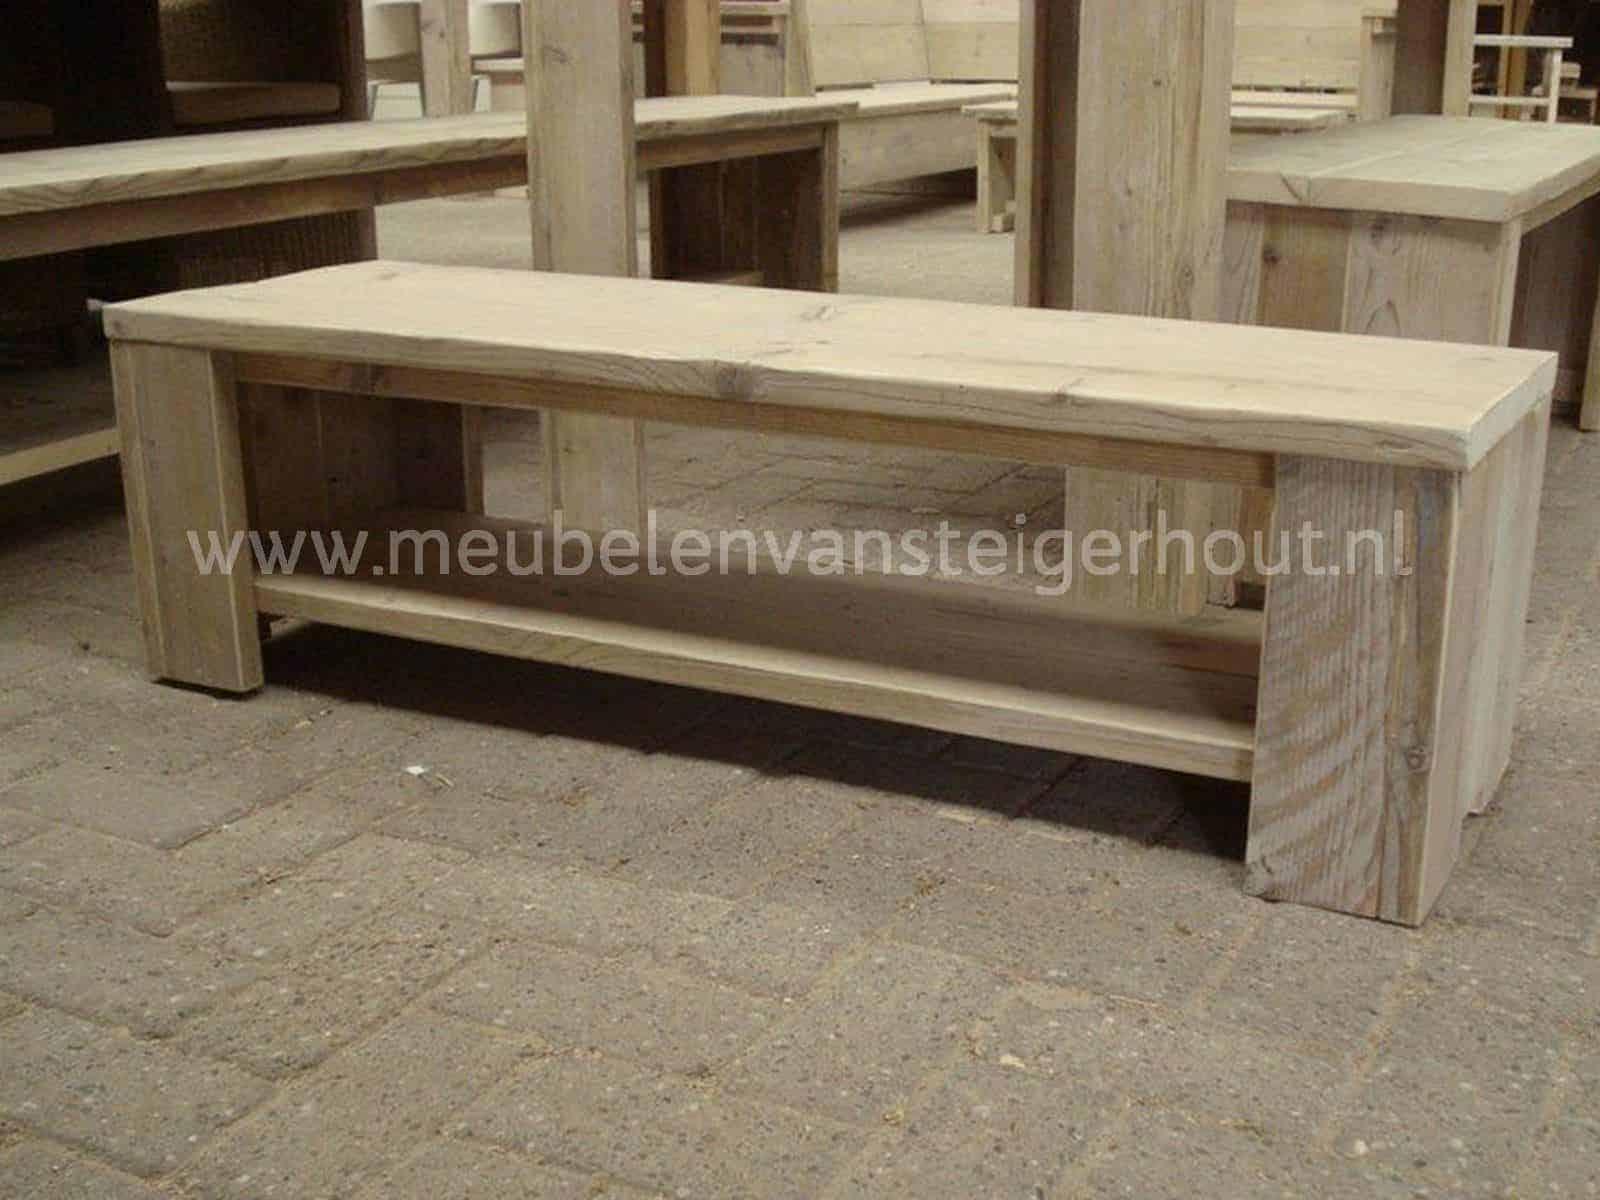 Tv Kast Steigerhout : Tv meubel steigerhout 7 meubelen van steigerhout